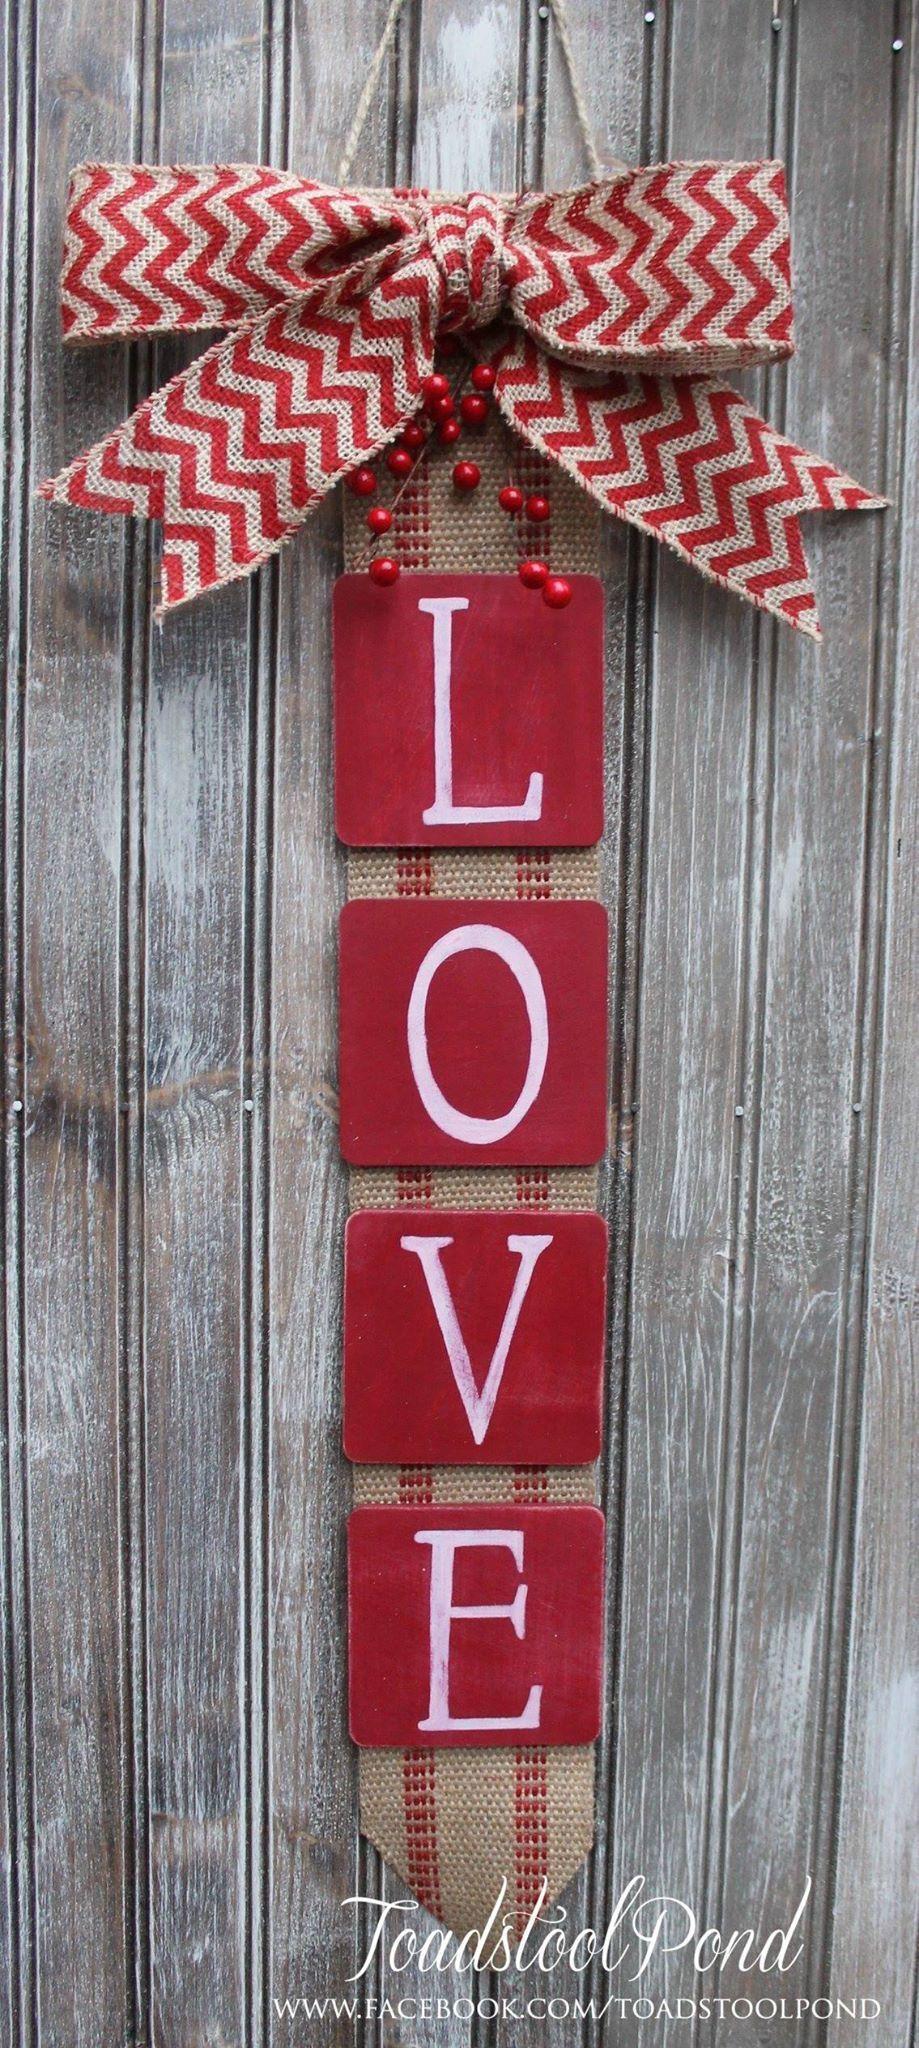 Door Hanger Template Ideas For Hotels Marketing And Advertising - Wooden door hanger template